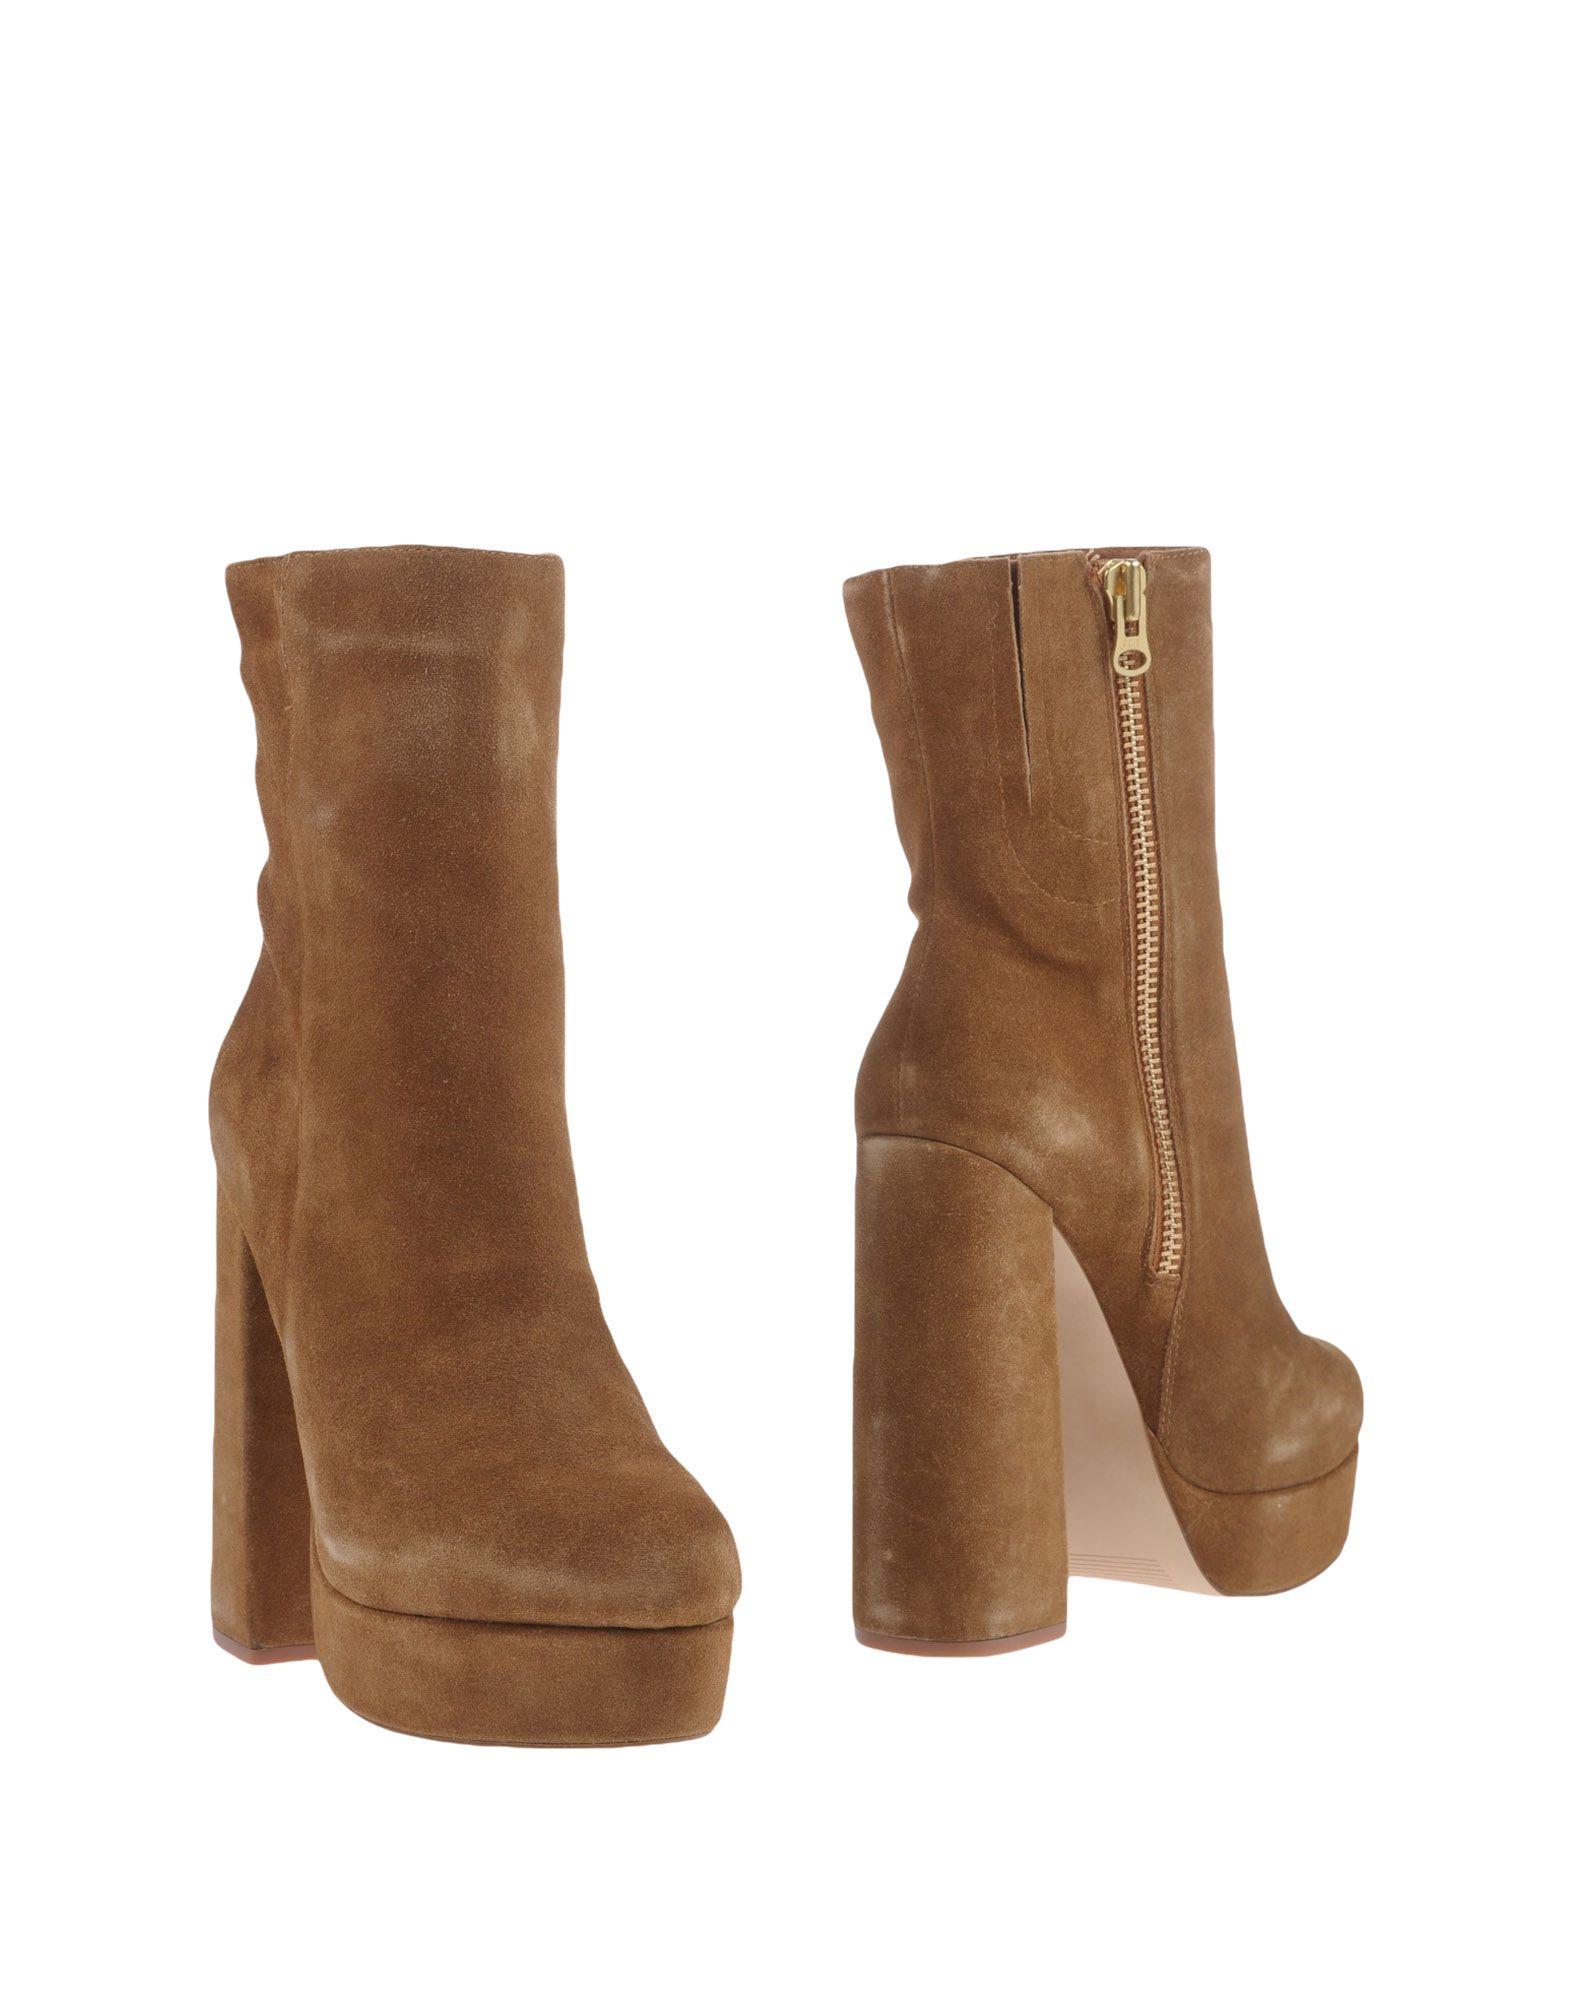 Windsor Smith Stiefelette Damen  11216014BU Gute Qualität beliebte Schuhe